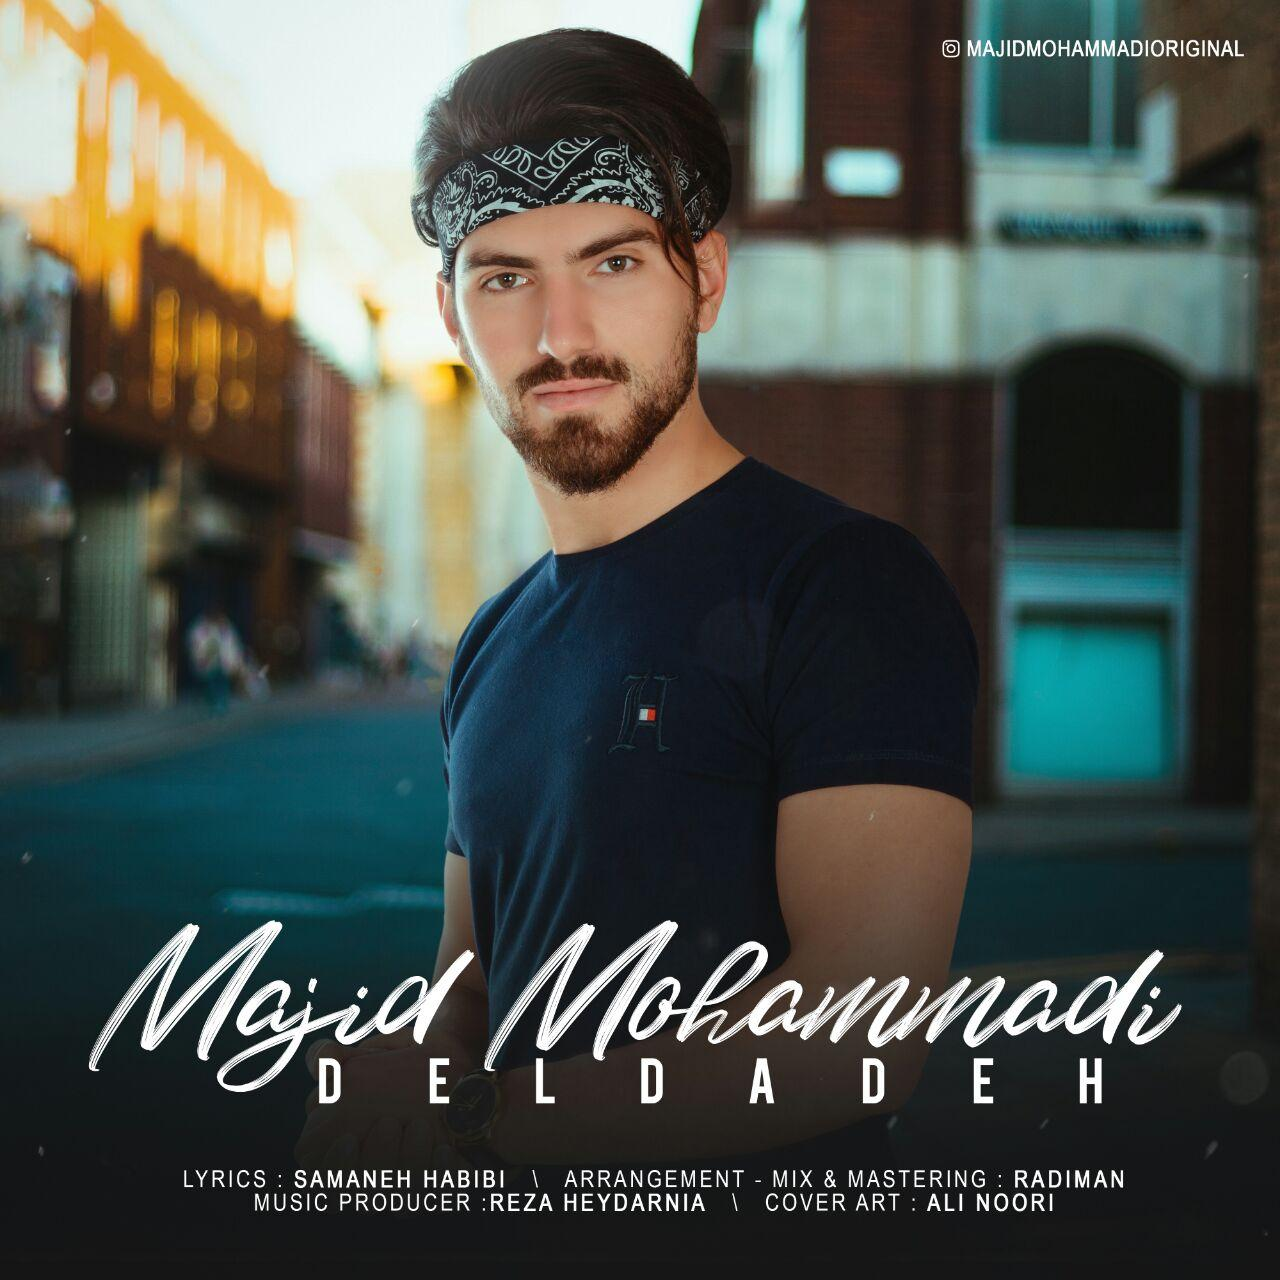 Majid Mohammadi – Deldadeh